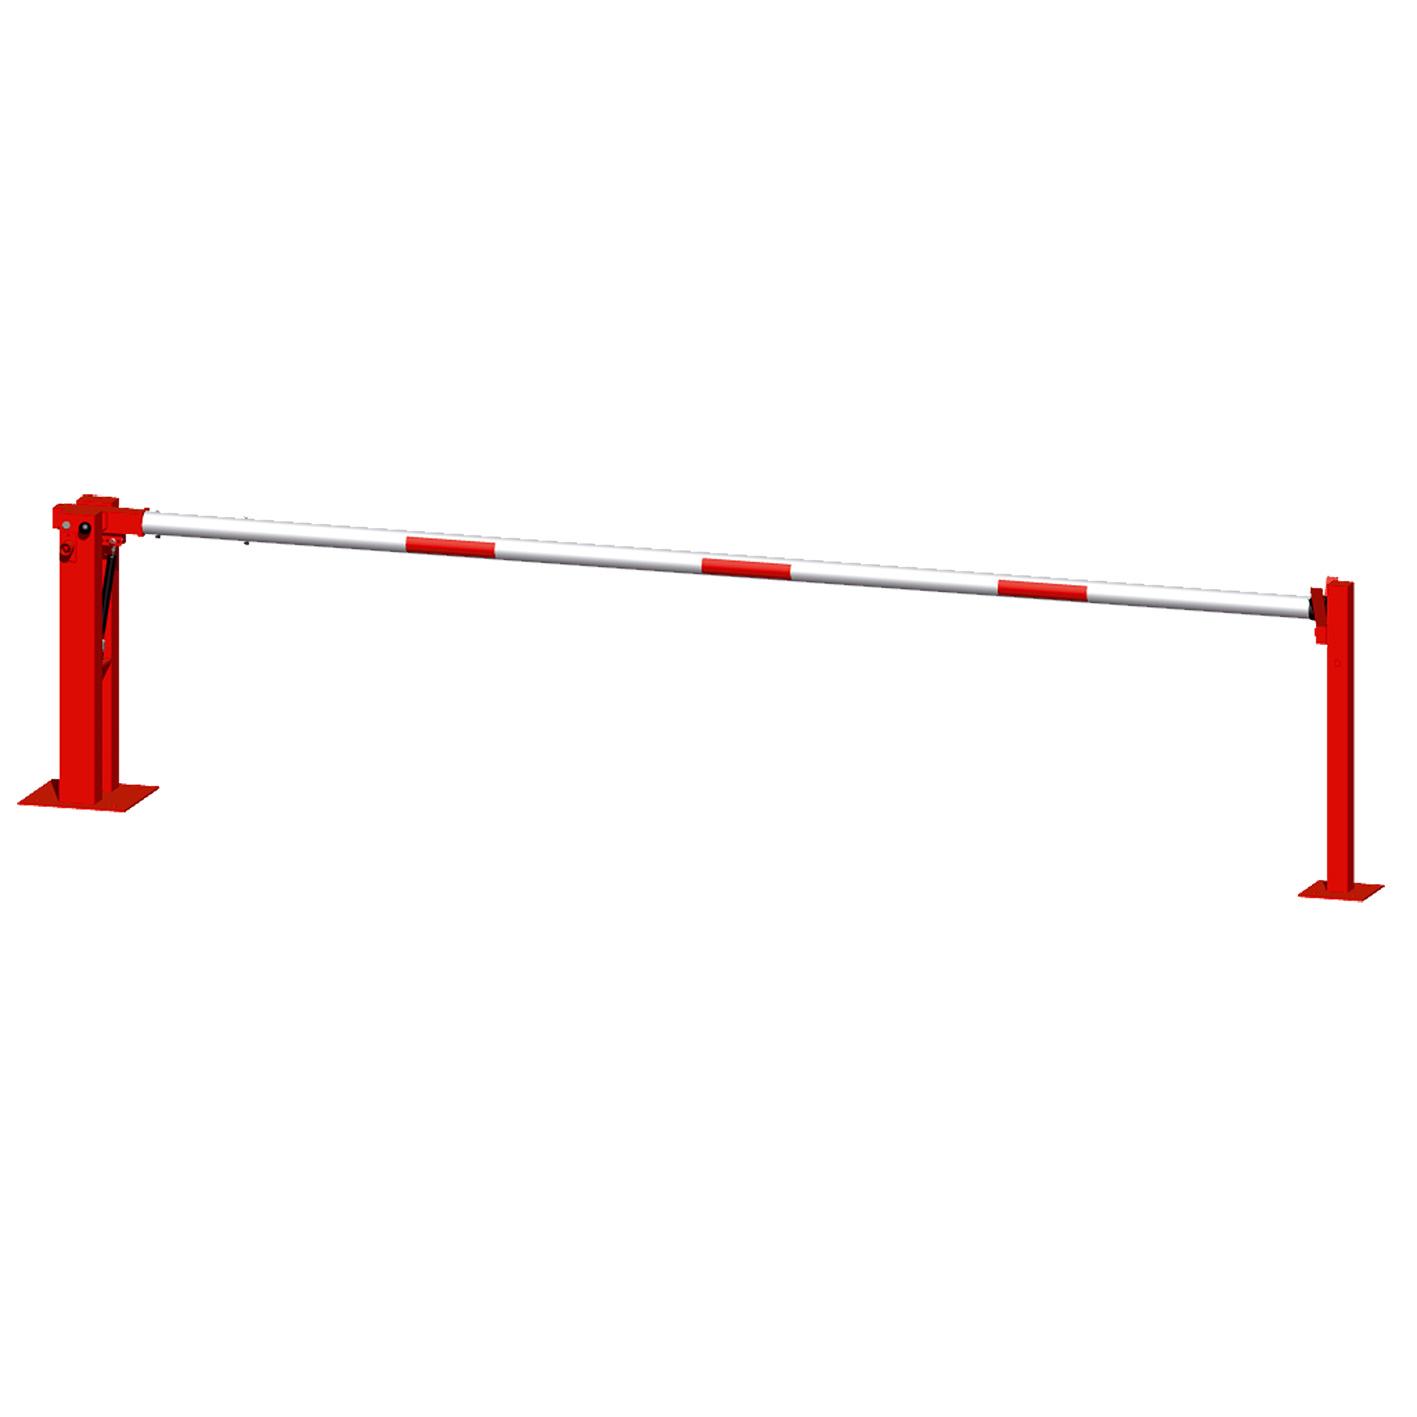 Wegeschranken 3m mit fester Auflagestütze  und Bodenplatte zum Aufdübeln, mit Dreikantverschluß  Sta